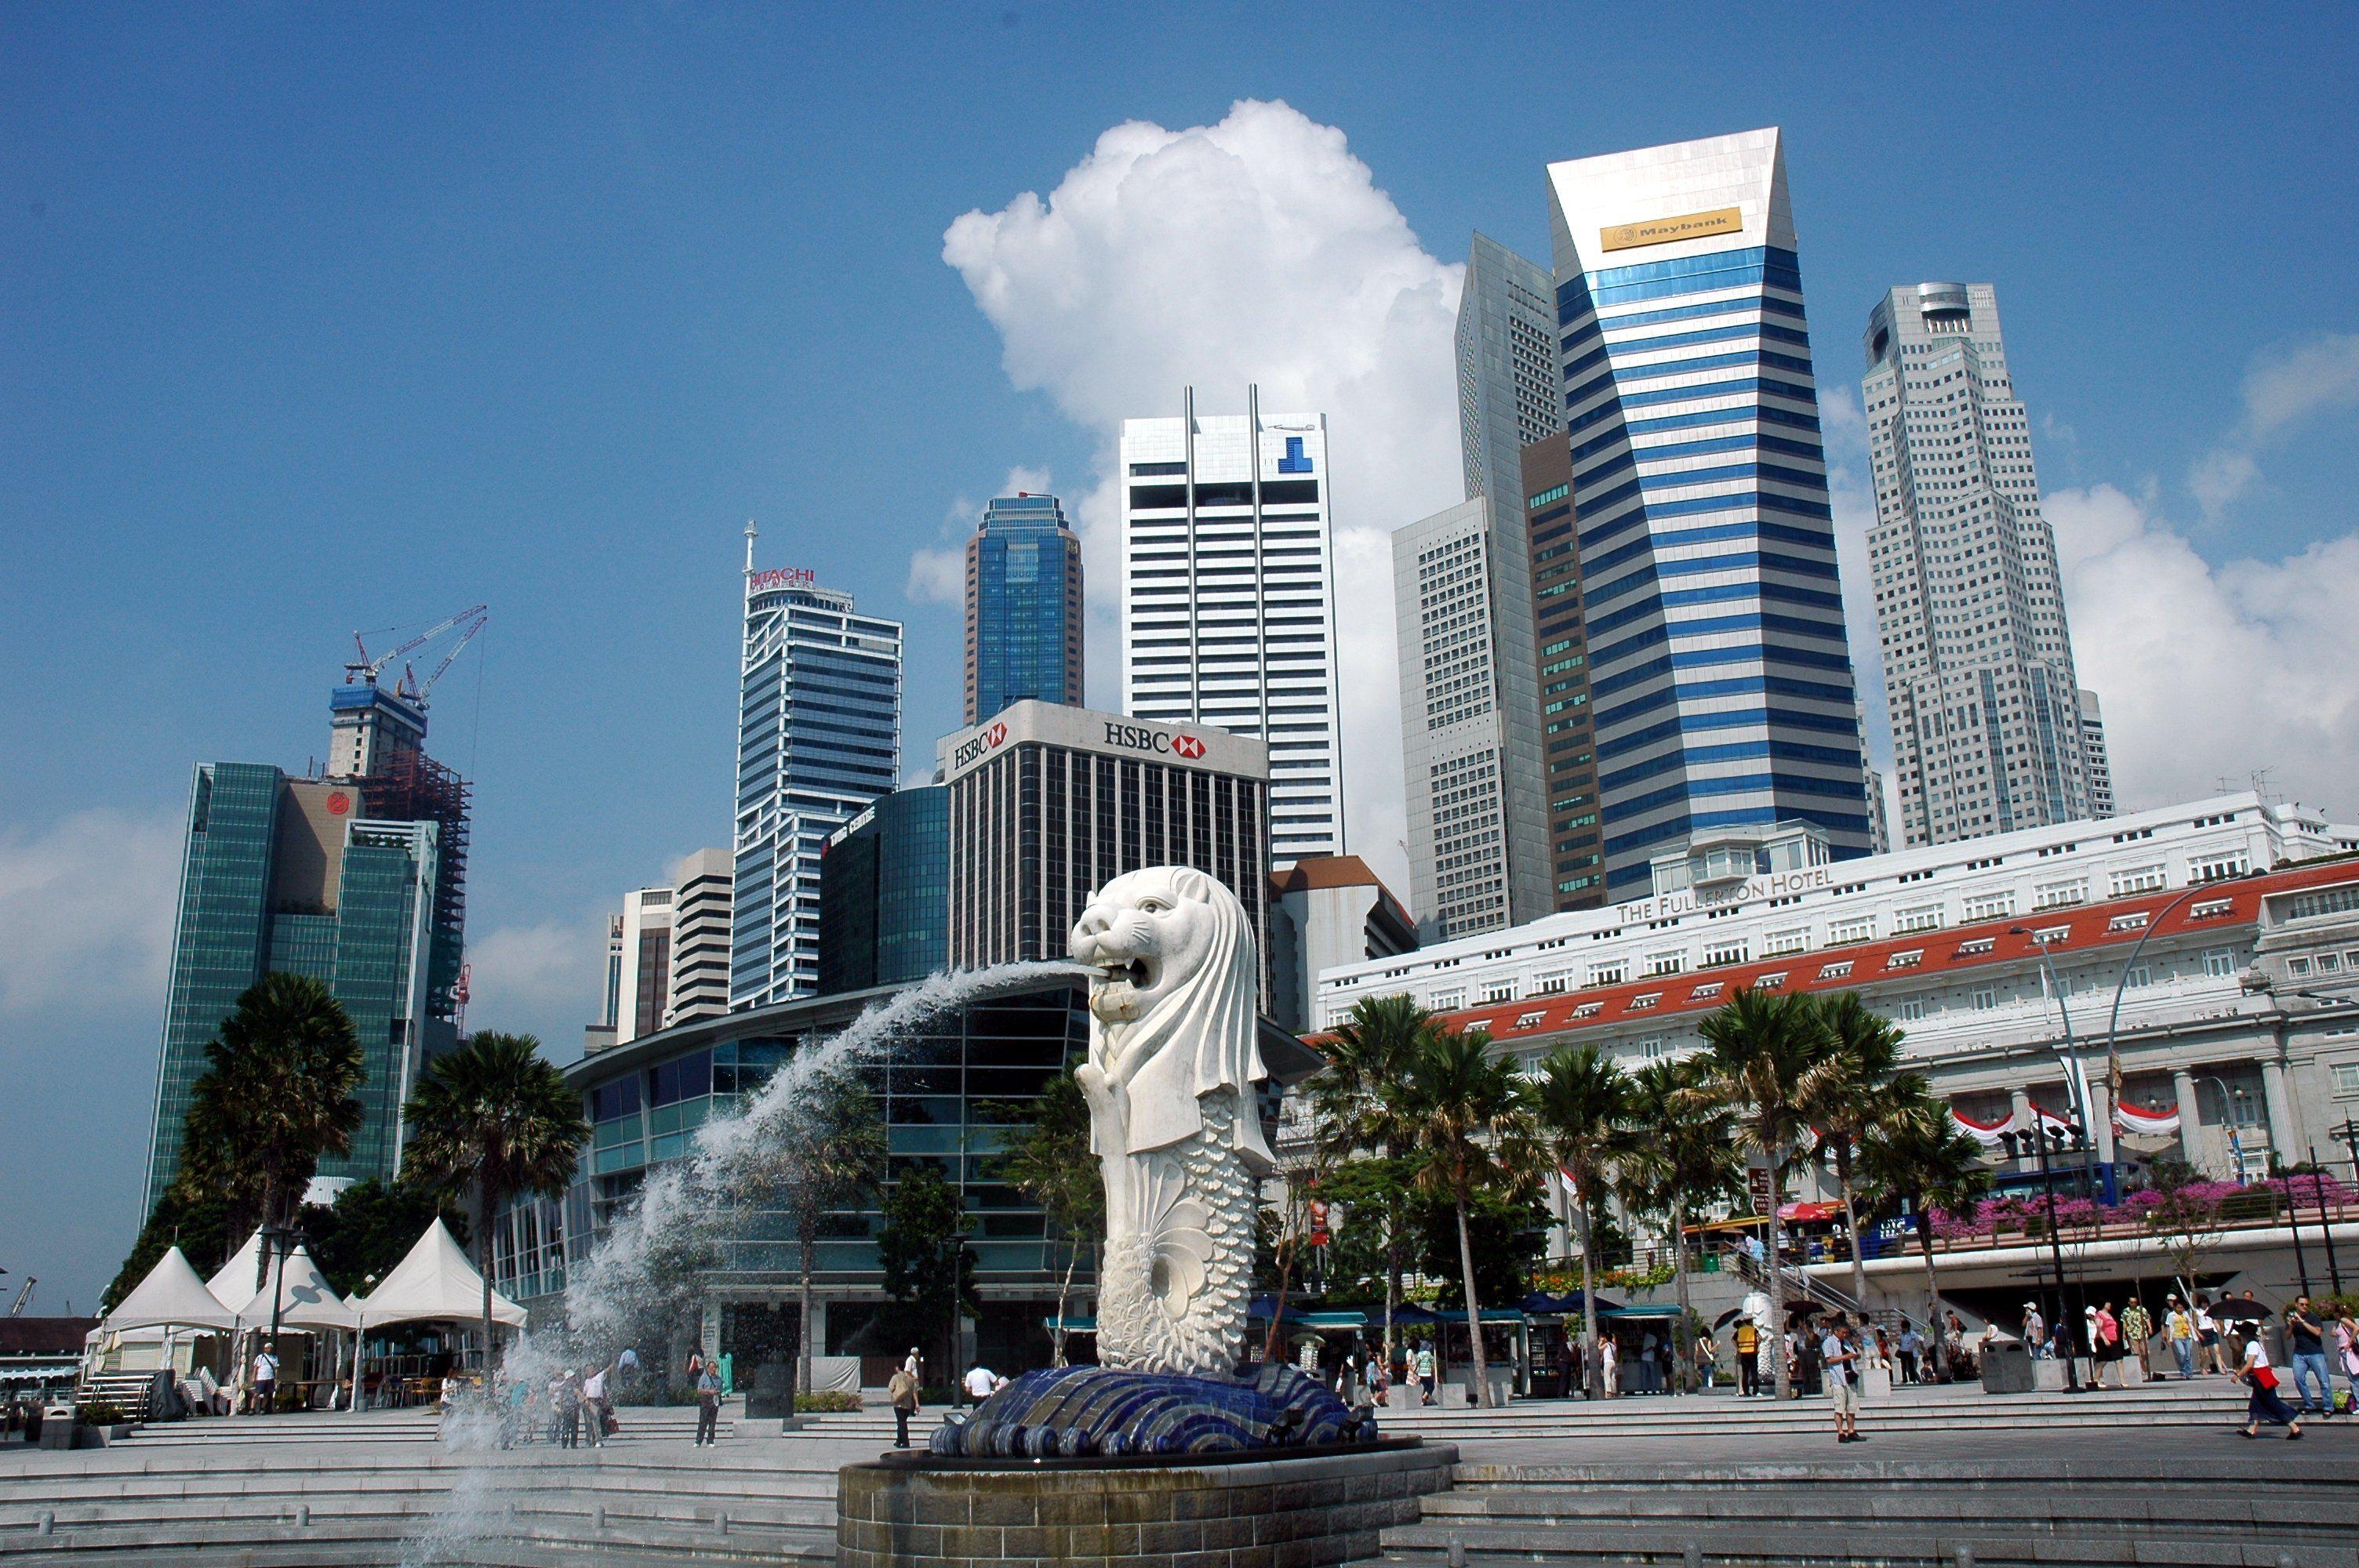 Pin by World beautiful place on Beautiful City Singapore